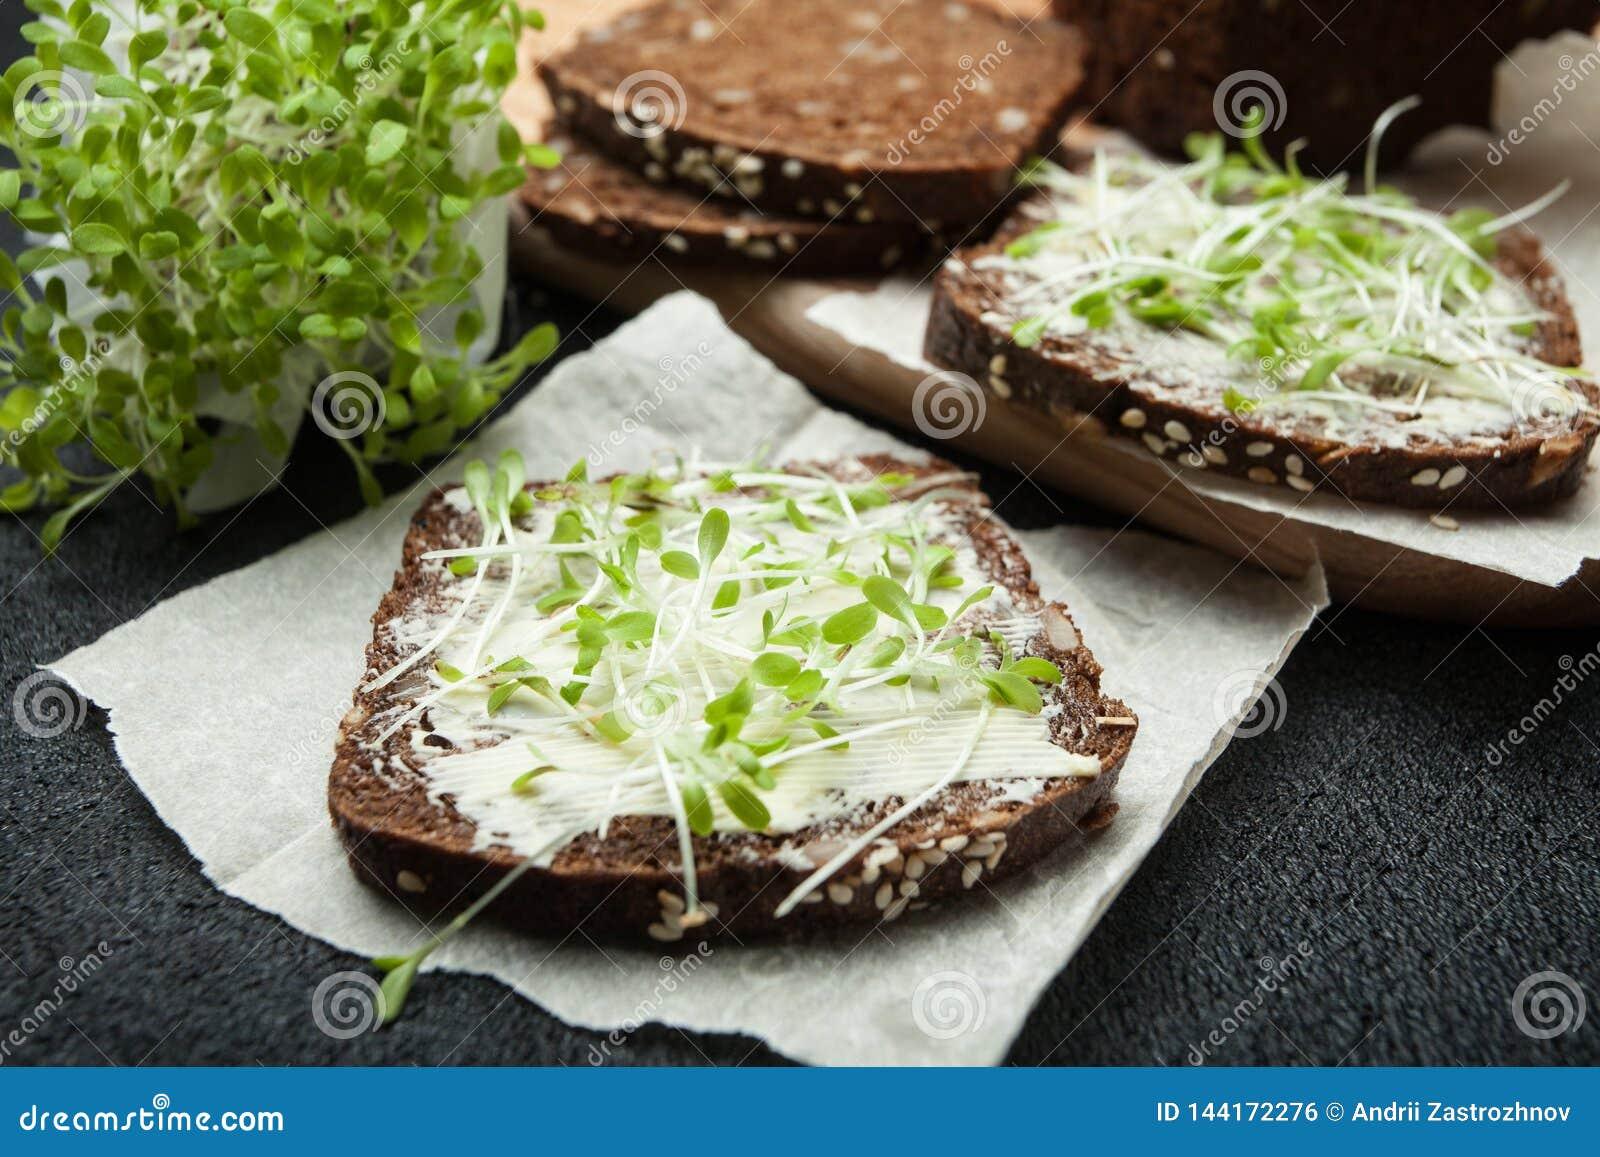 Concept de végétarien et de la consommation saine Salade de verts micro et pain noir